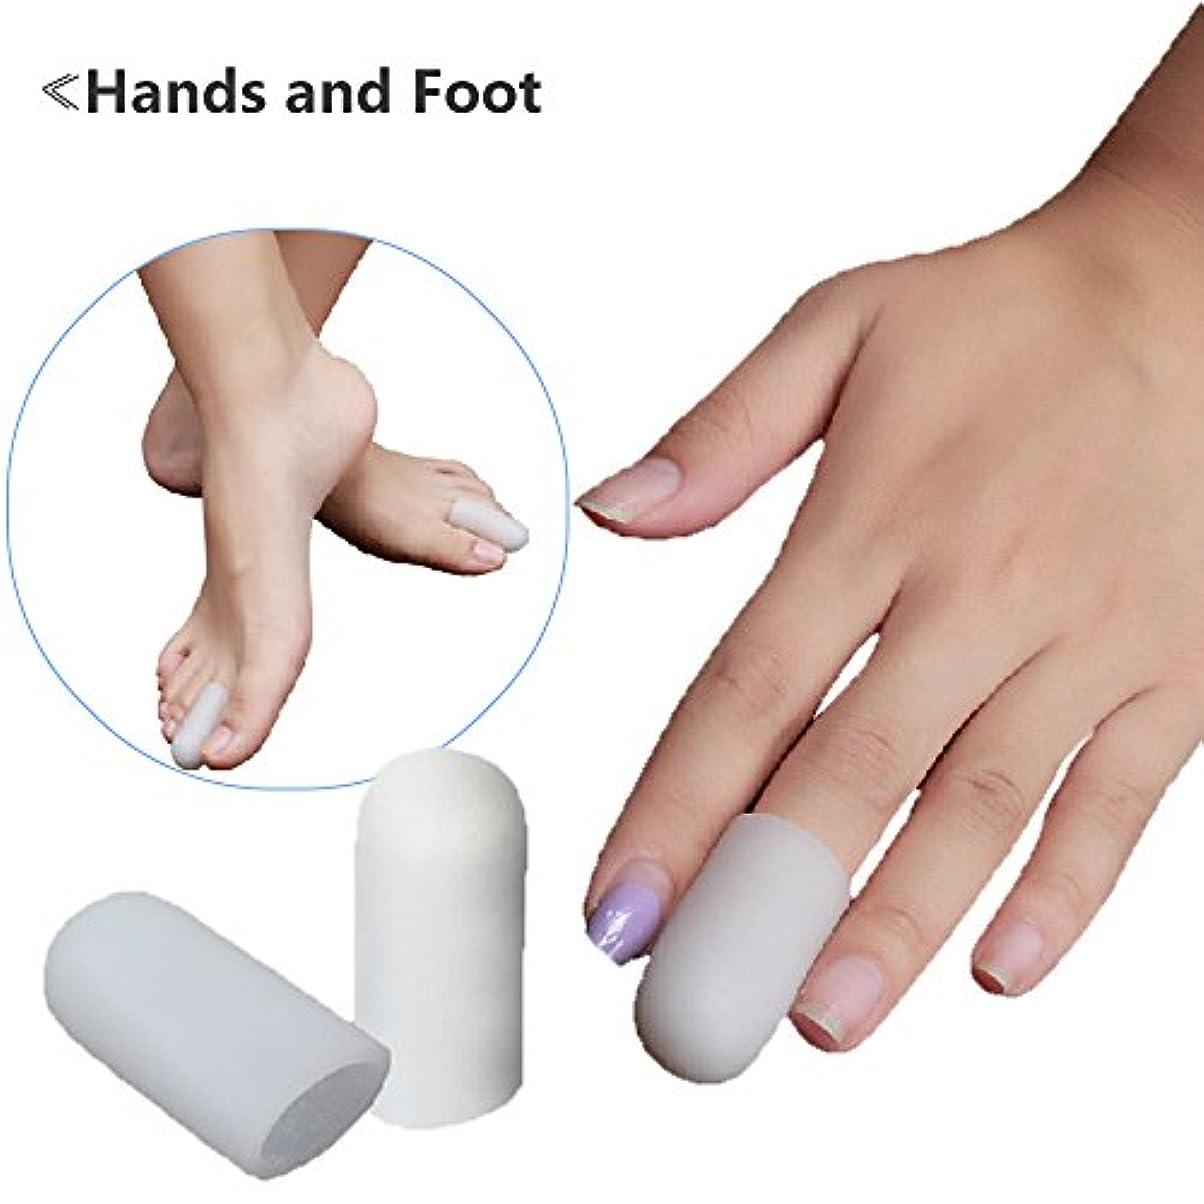 低い減少幸福つま先プロテクター ランニング時の足先のつめ保護キャップ,指キャップ,〈2個入〉 (M(3.5cm))